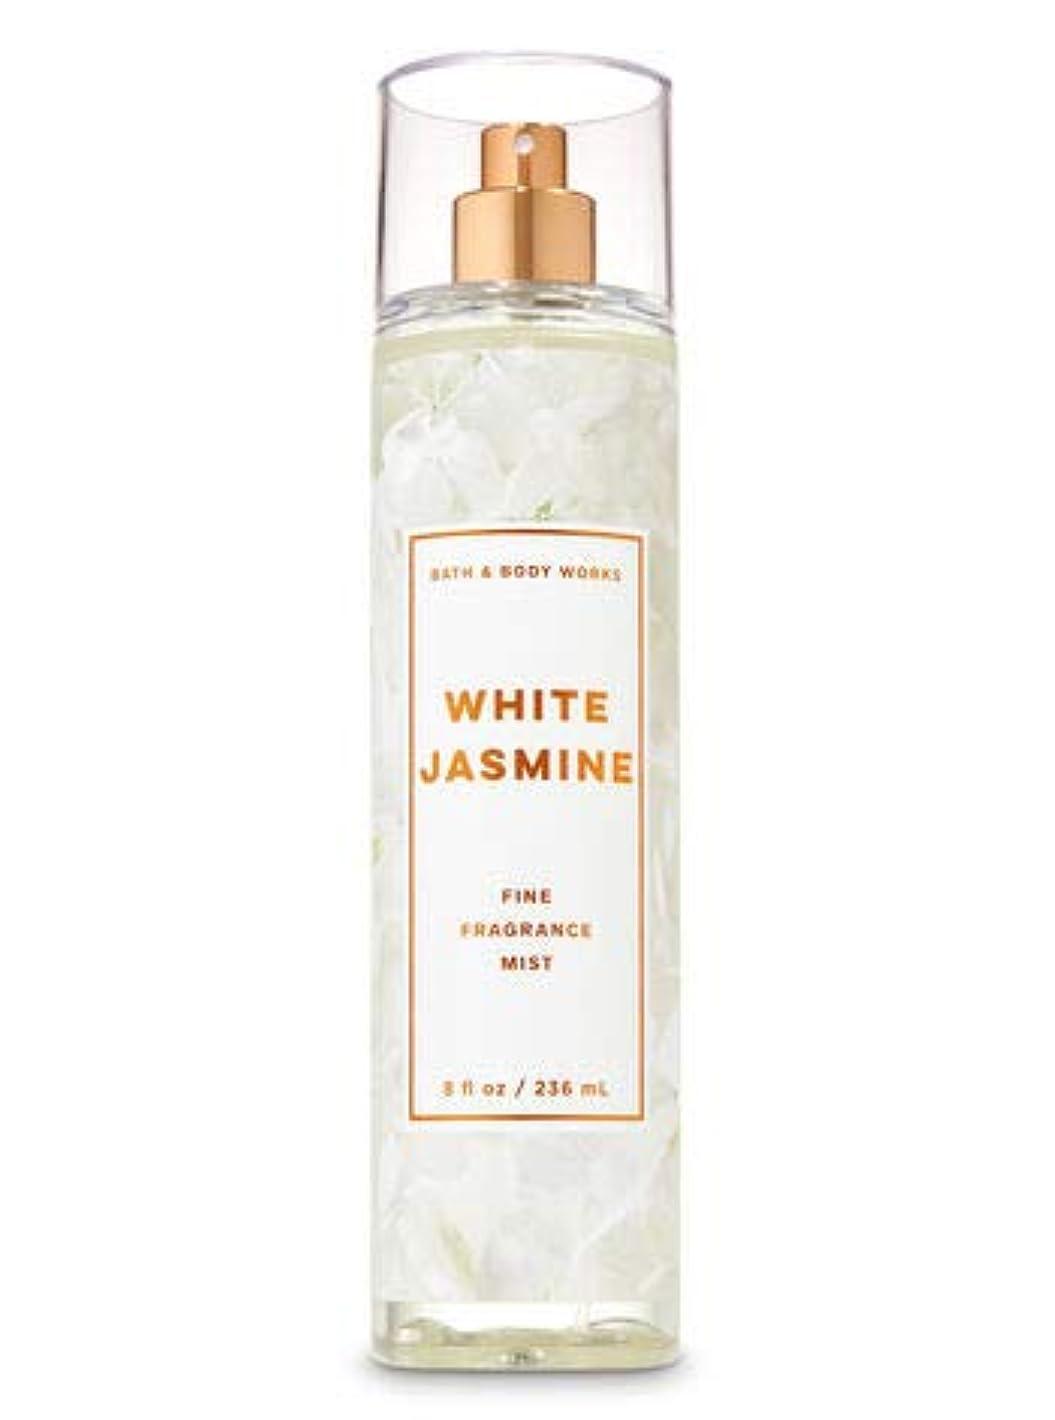 ドナー恐竜スティーブンソン【Bath&Body Works/バス&ボディワークス】 ファインフレグランスミスト ホワイトジャスミン Fine Fragrance Mist White Jasmine 8oz (236ml) [並行輸入品]